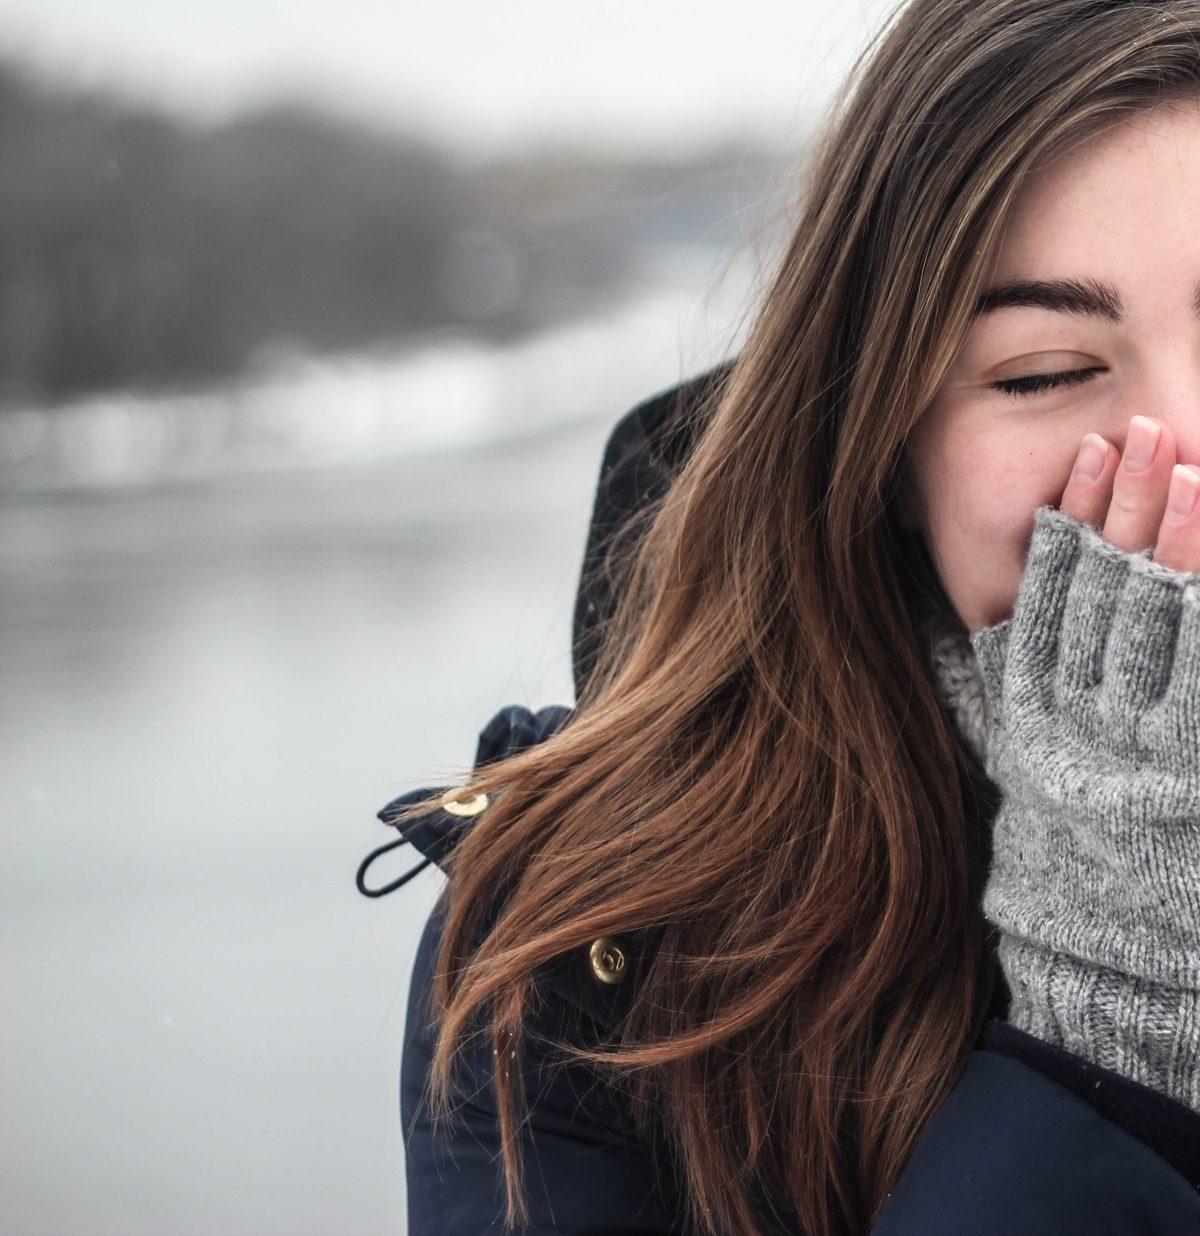 Kältetraining